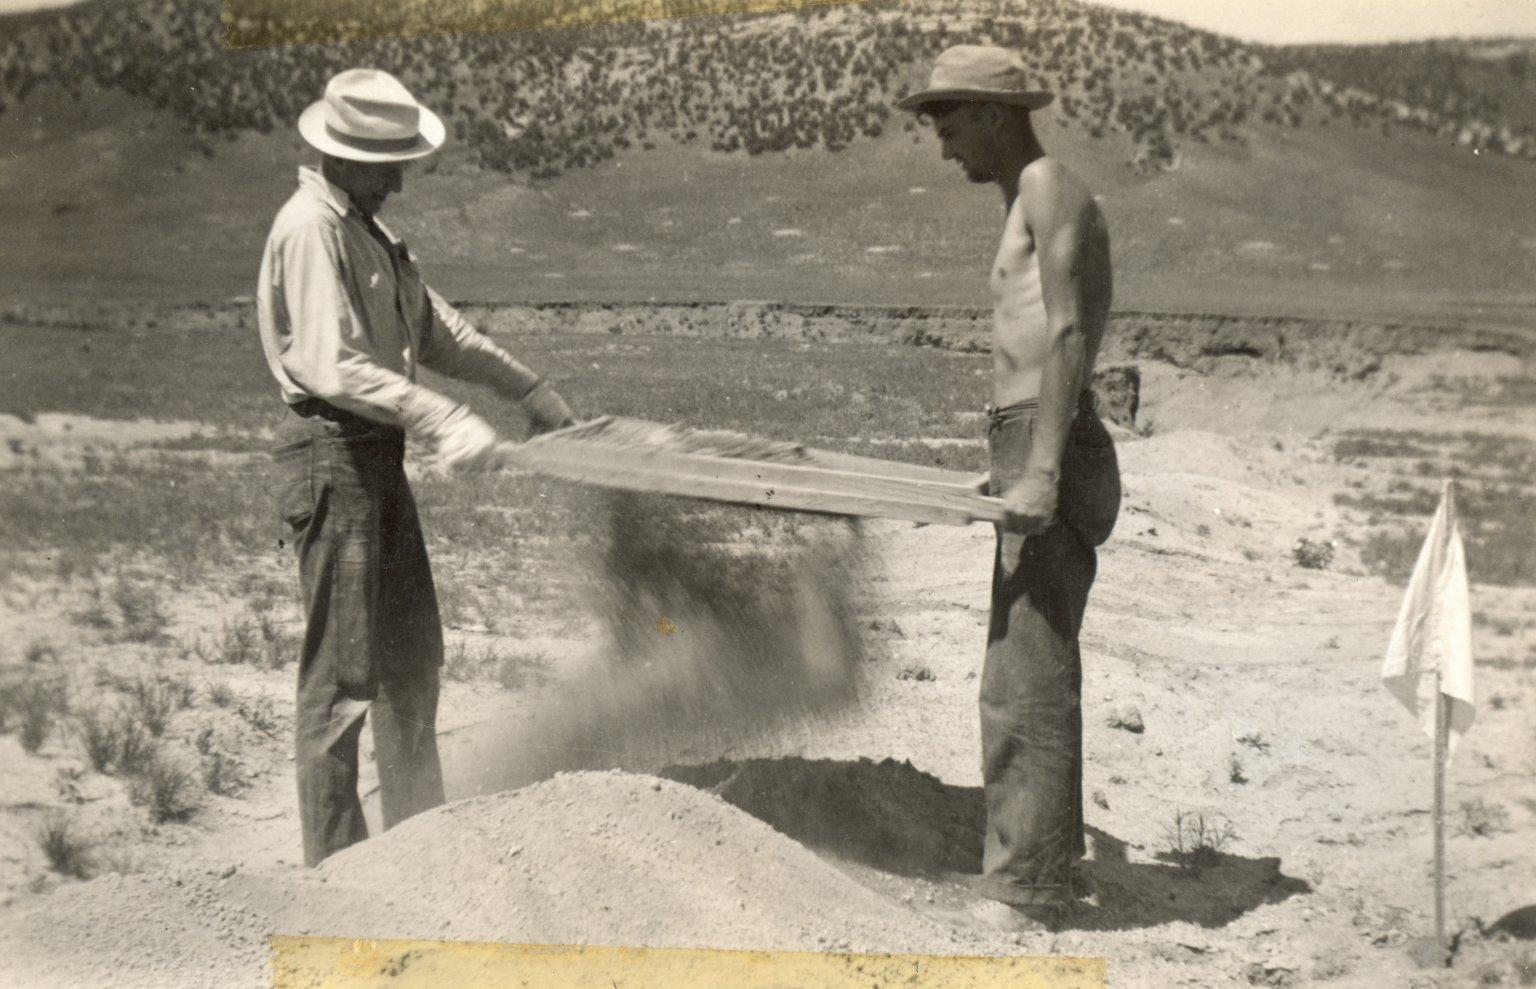 Sifting dirt at site